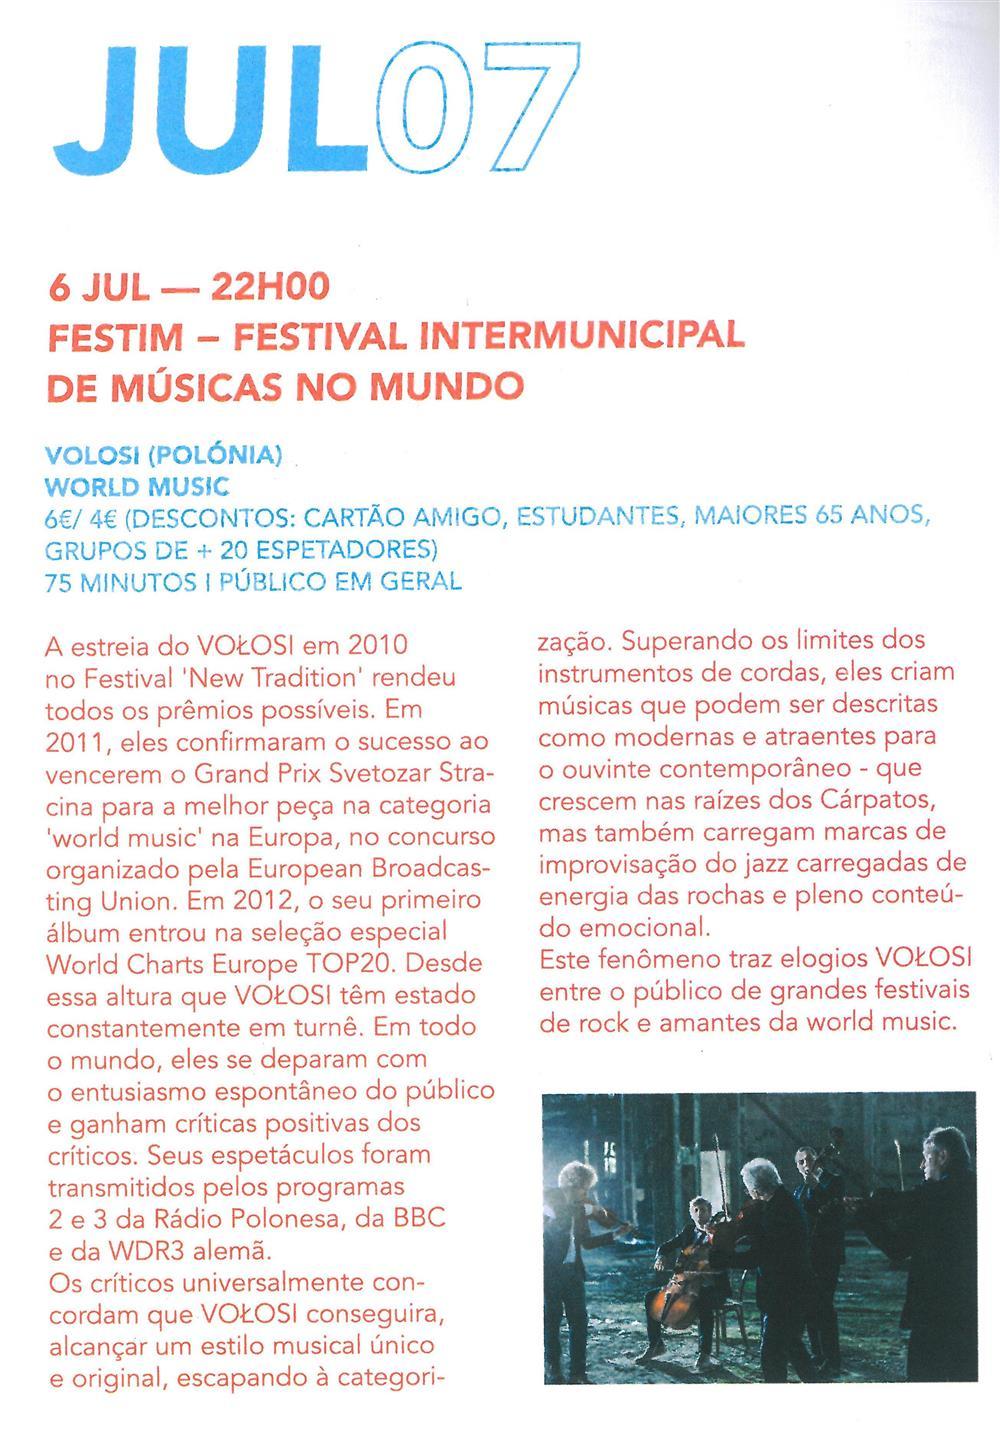 AgCultCAE-01abr.'19-p.26-FESTIM Festival Intermunicipal de Músicas do Mundo : Volosi.jpg